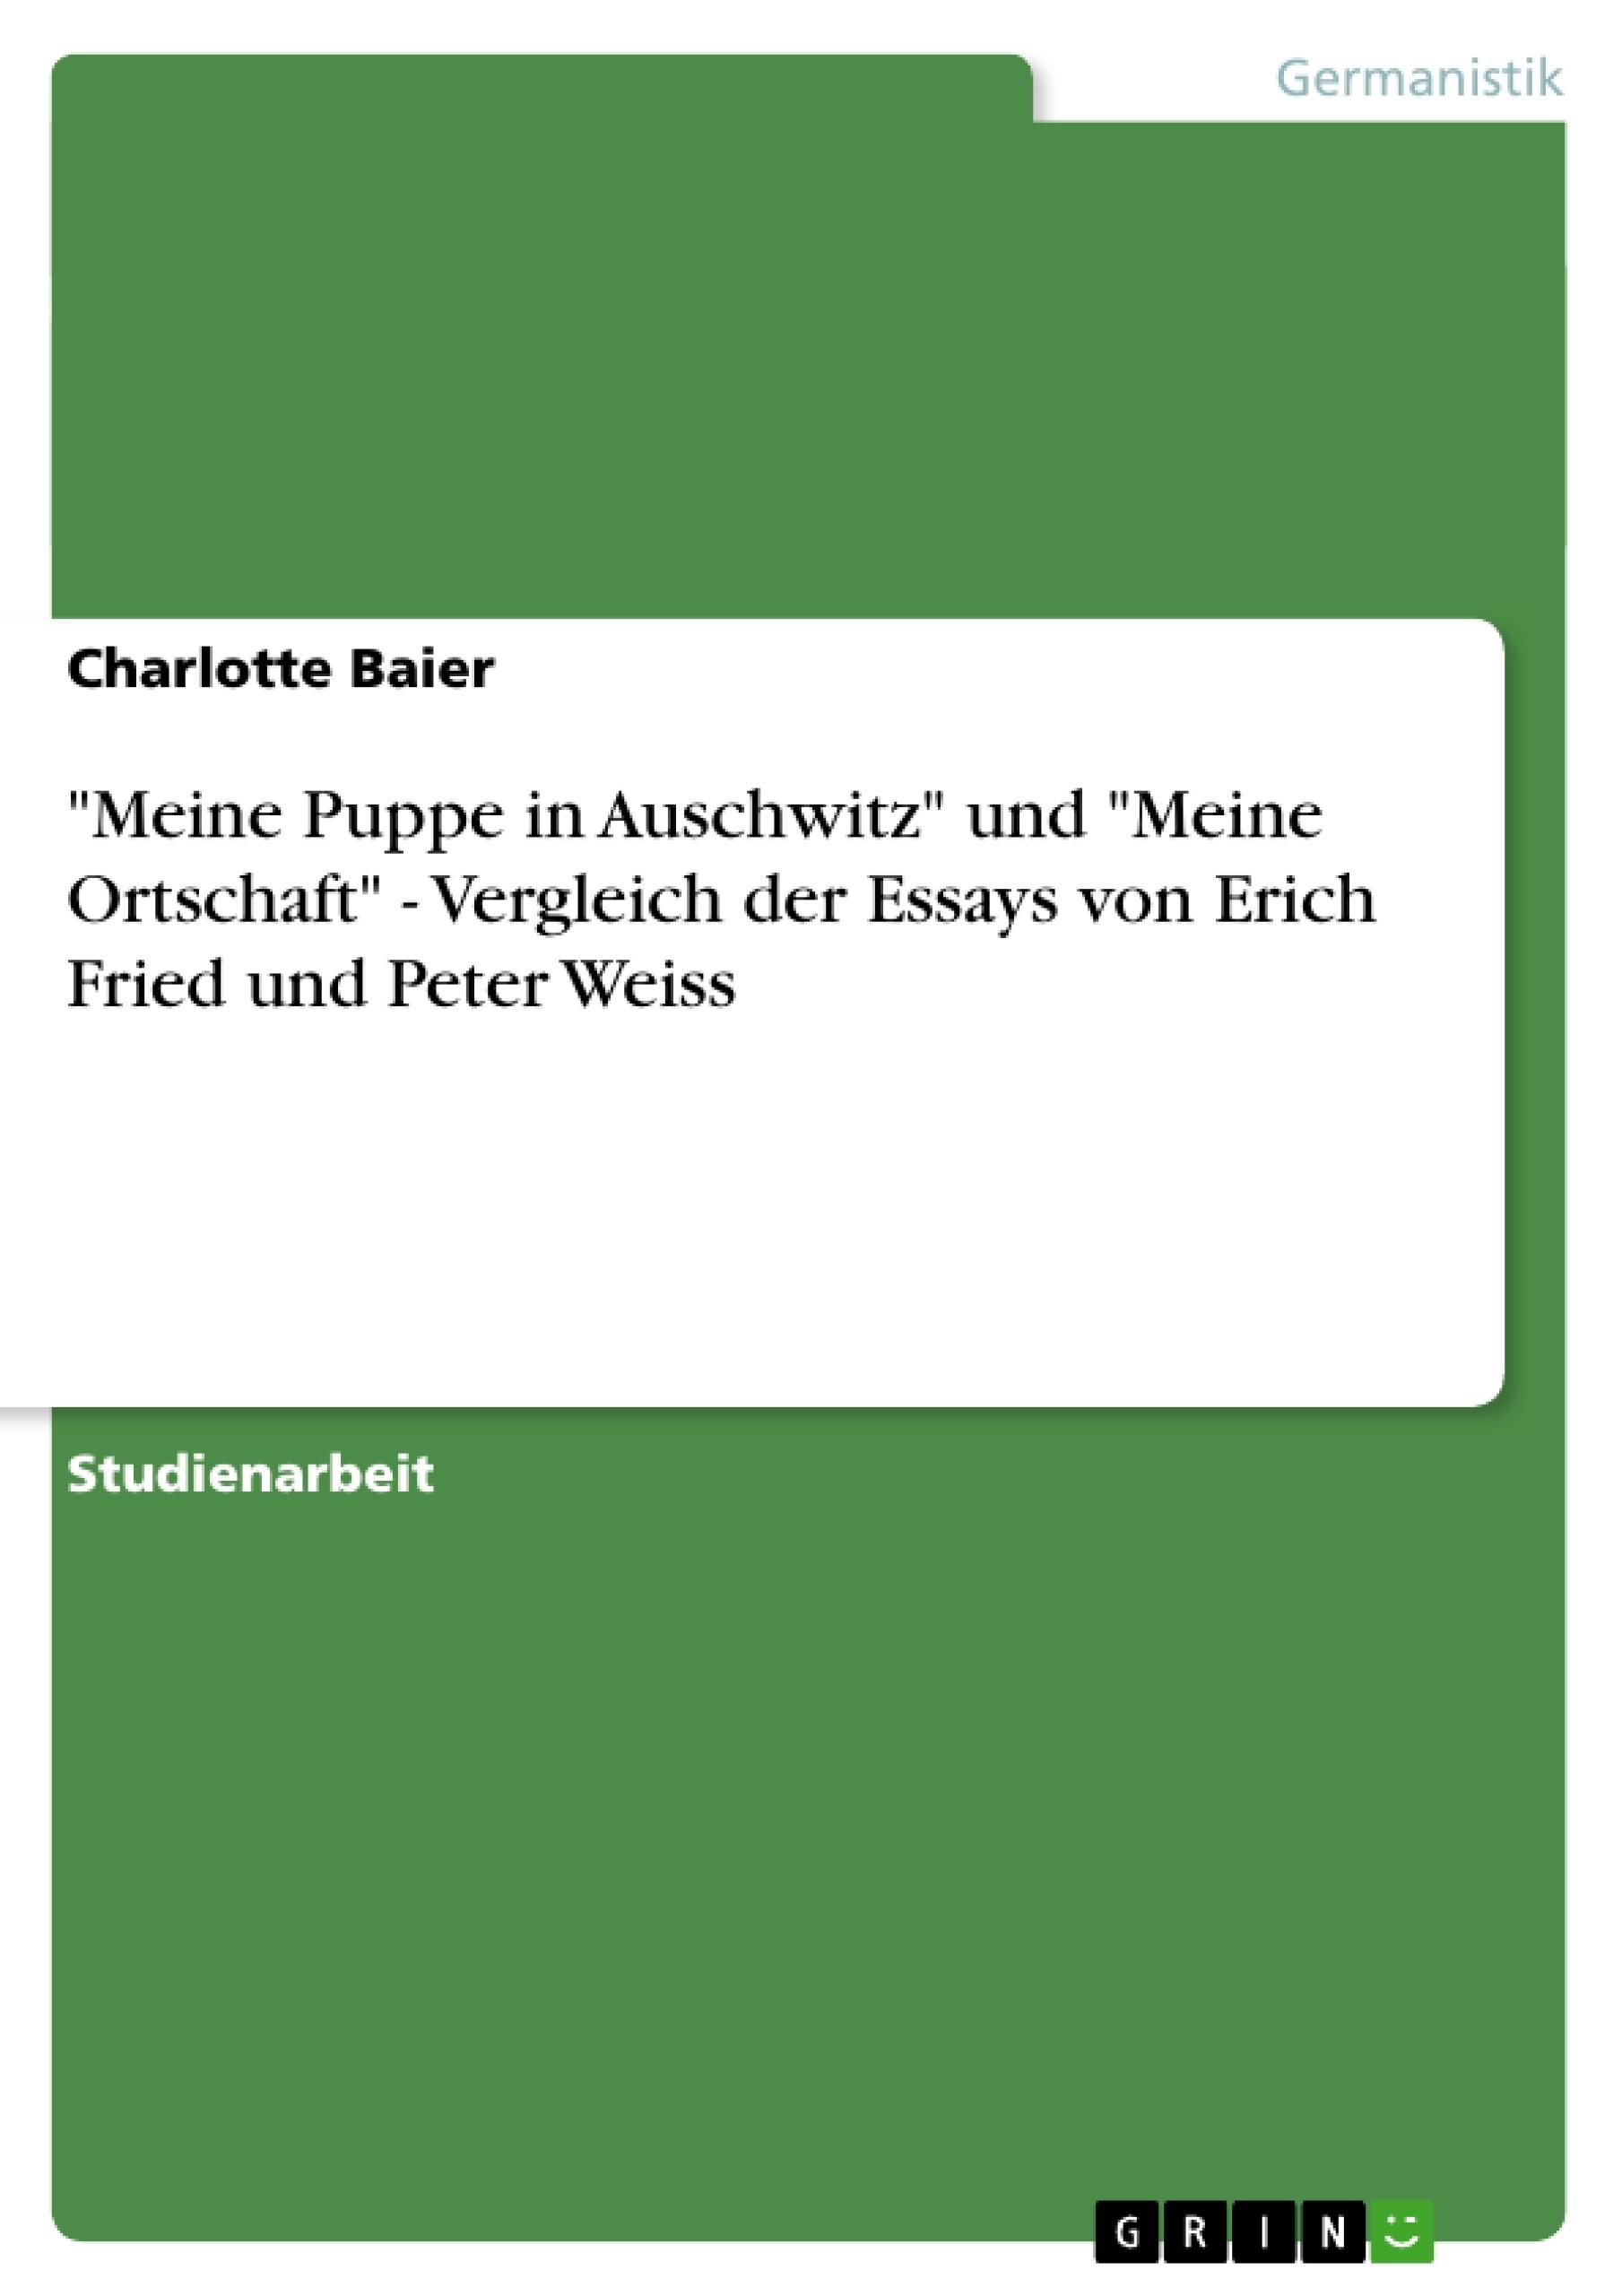 """Titel: """"Meine Puppe in Auschwitz"""" und """"Meine Ortschaft"""" - Vergleich der Essays von Erich Fried und Peter Weiss"""